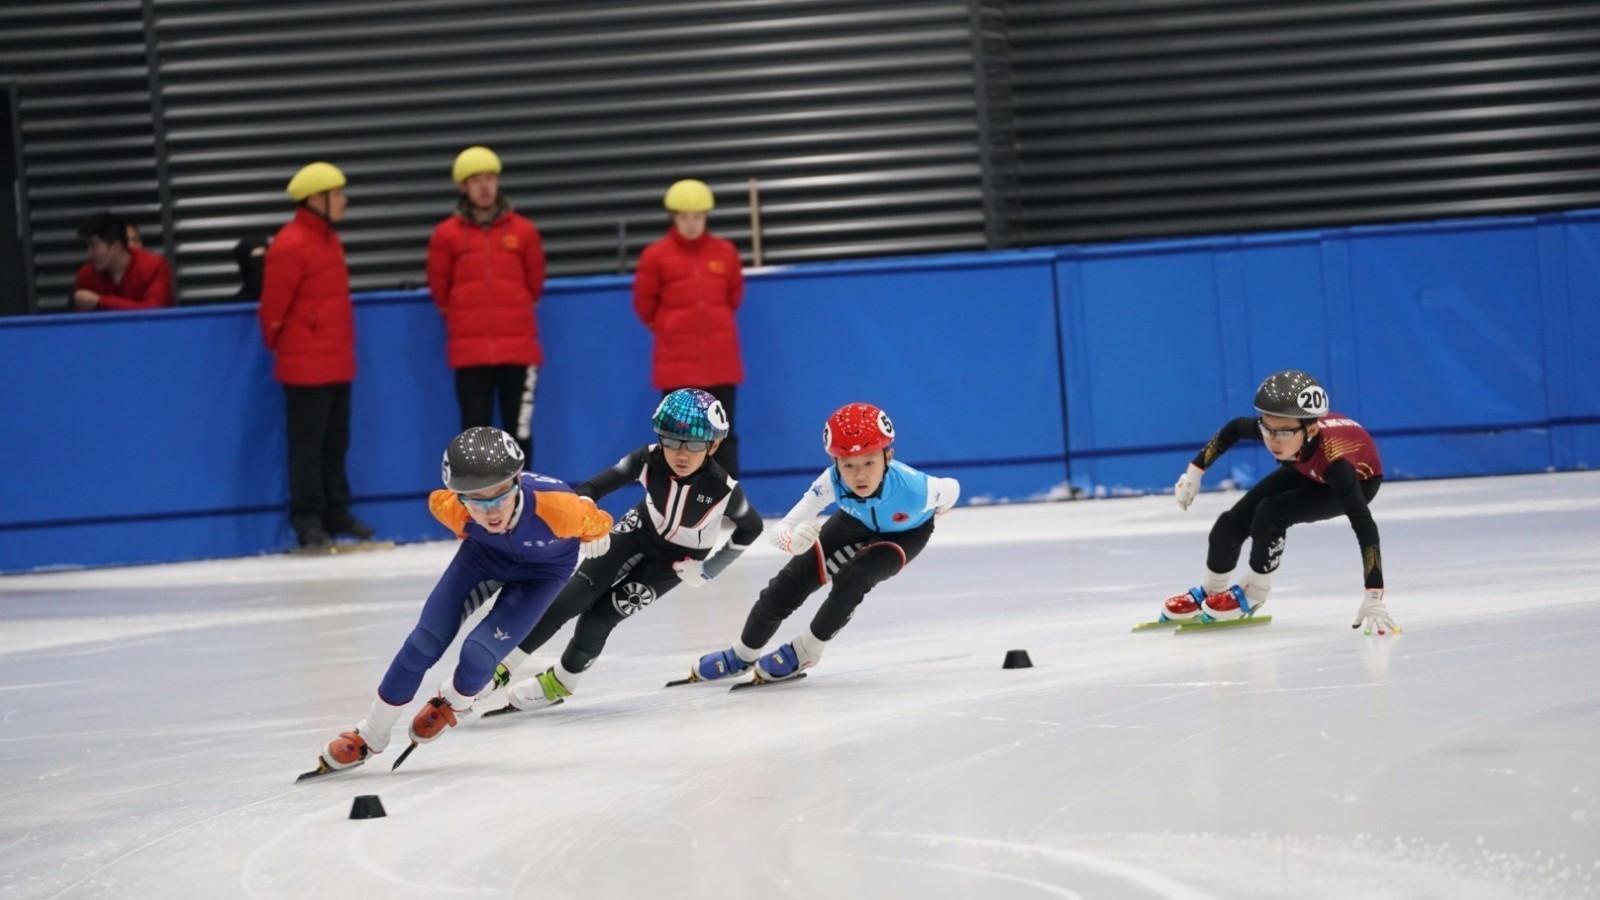 2019年京津冀青少年U系列短道速滑冠军赛在京举行